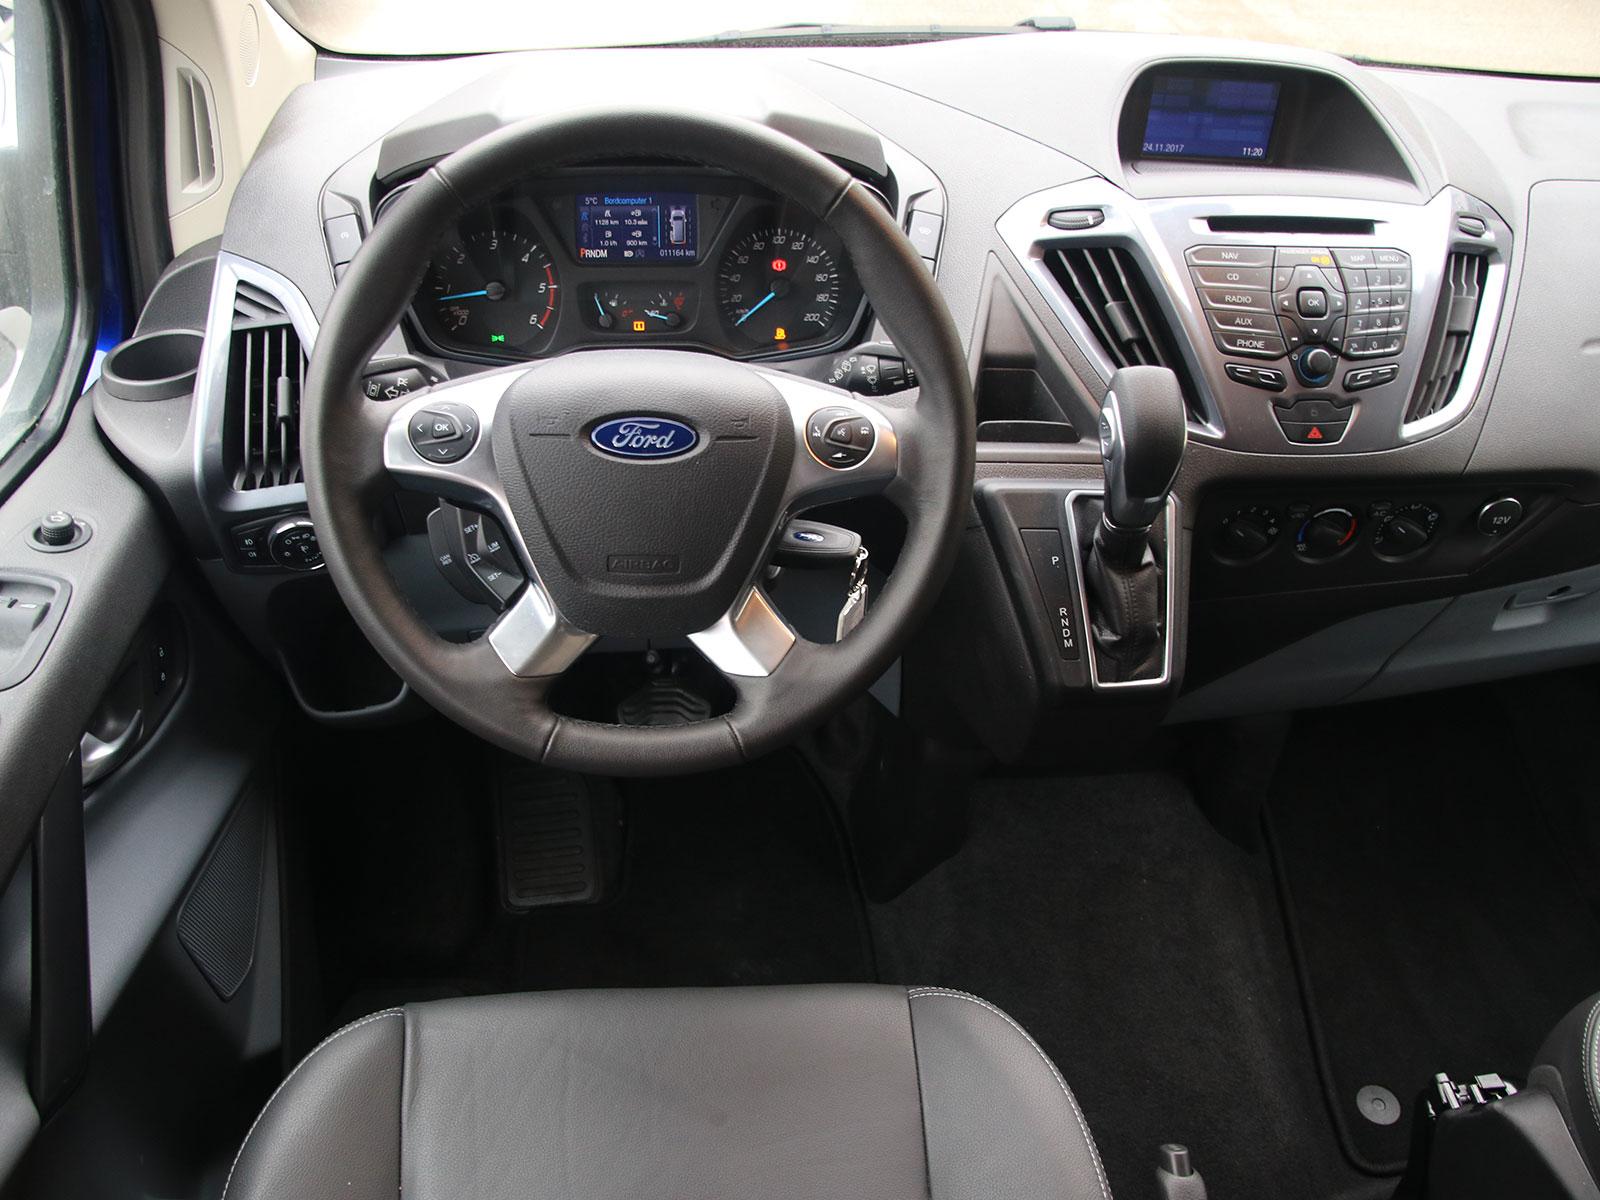 Ford Tourneo Custom 2 0 Tdci 170 Ps At Sport Testbericht Autoguru At